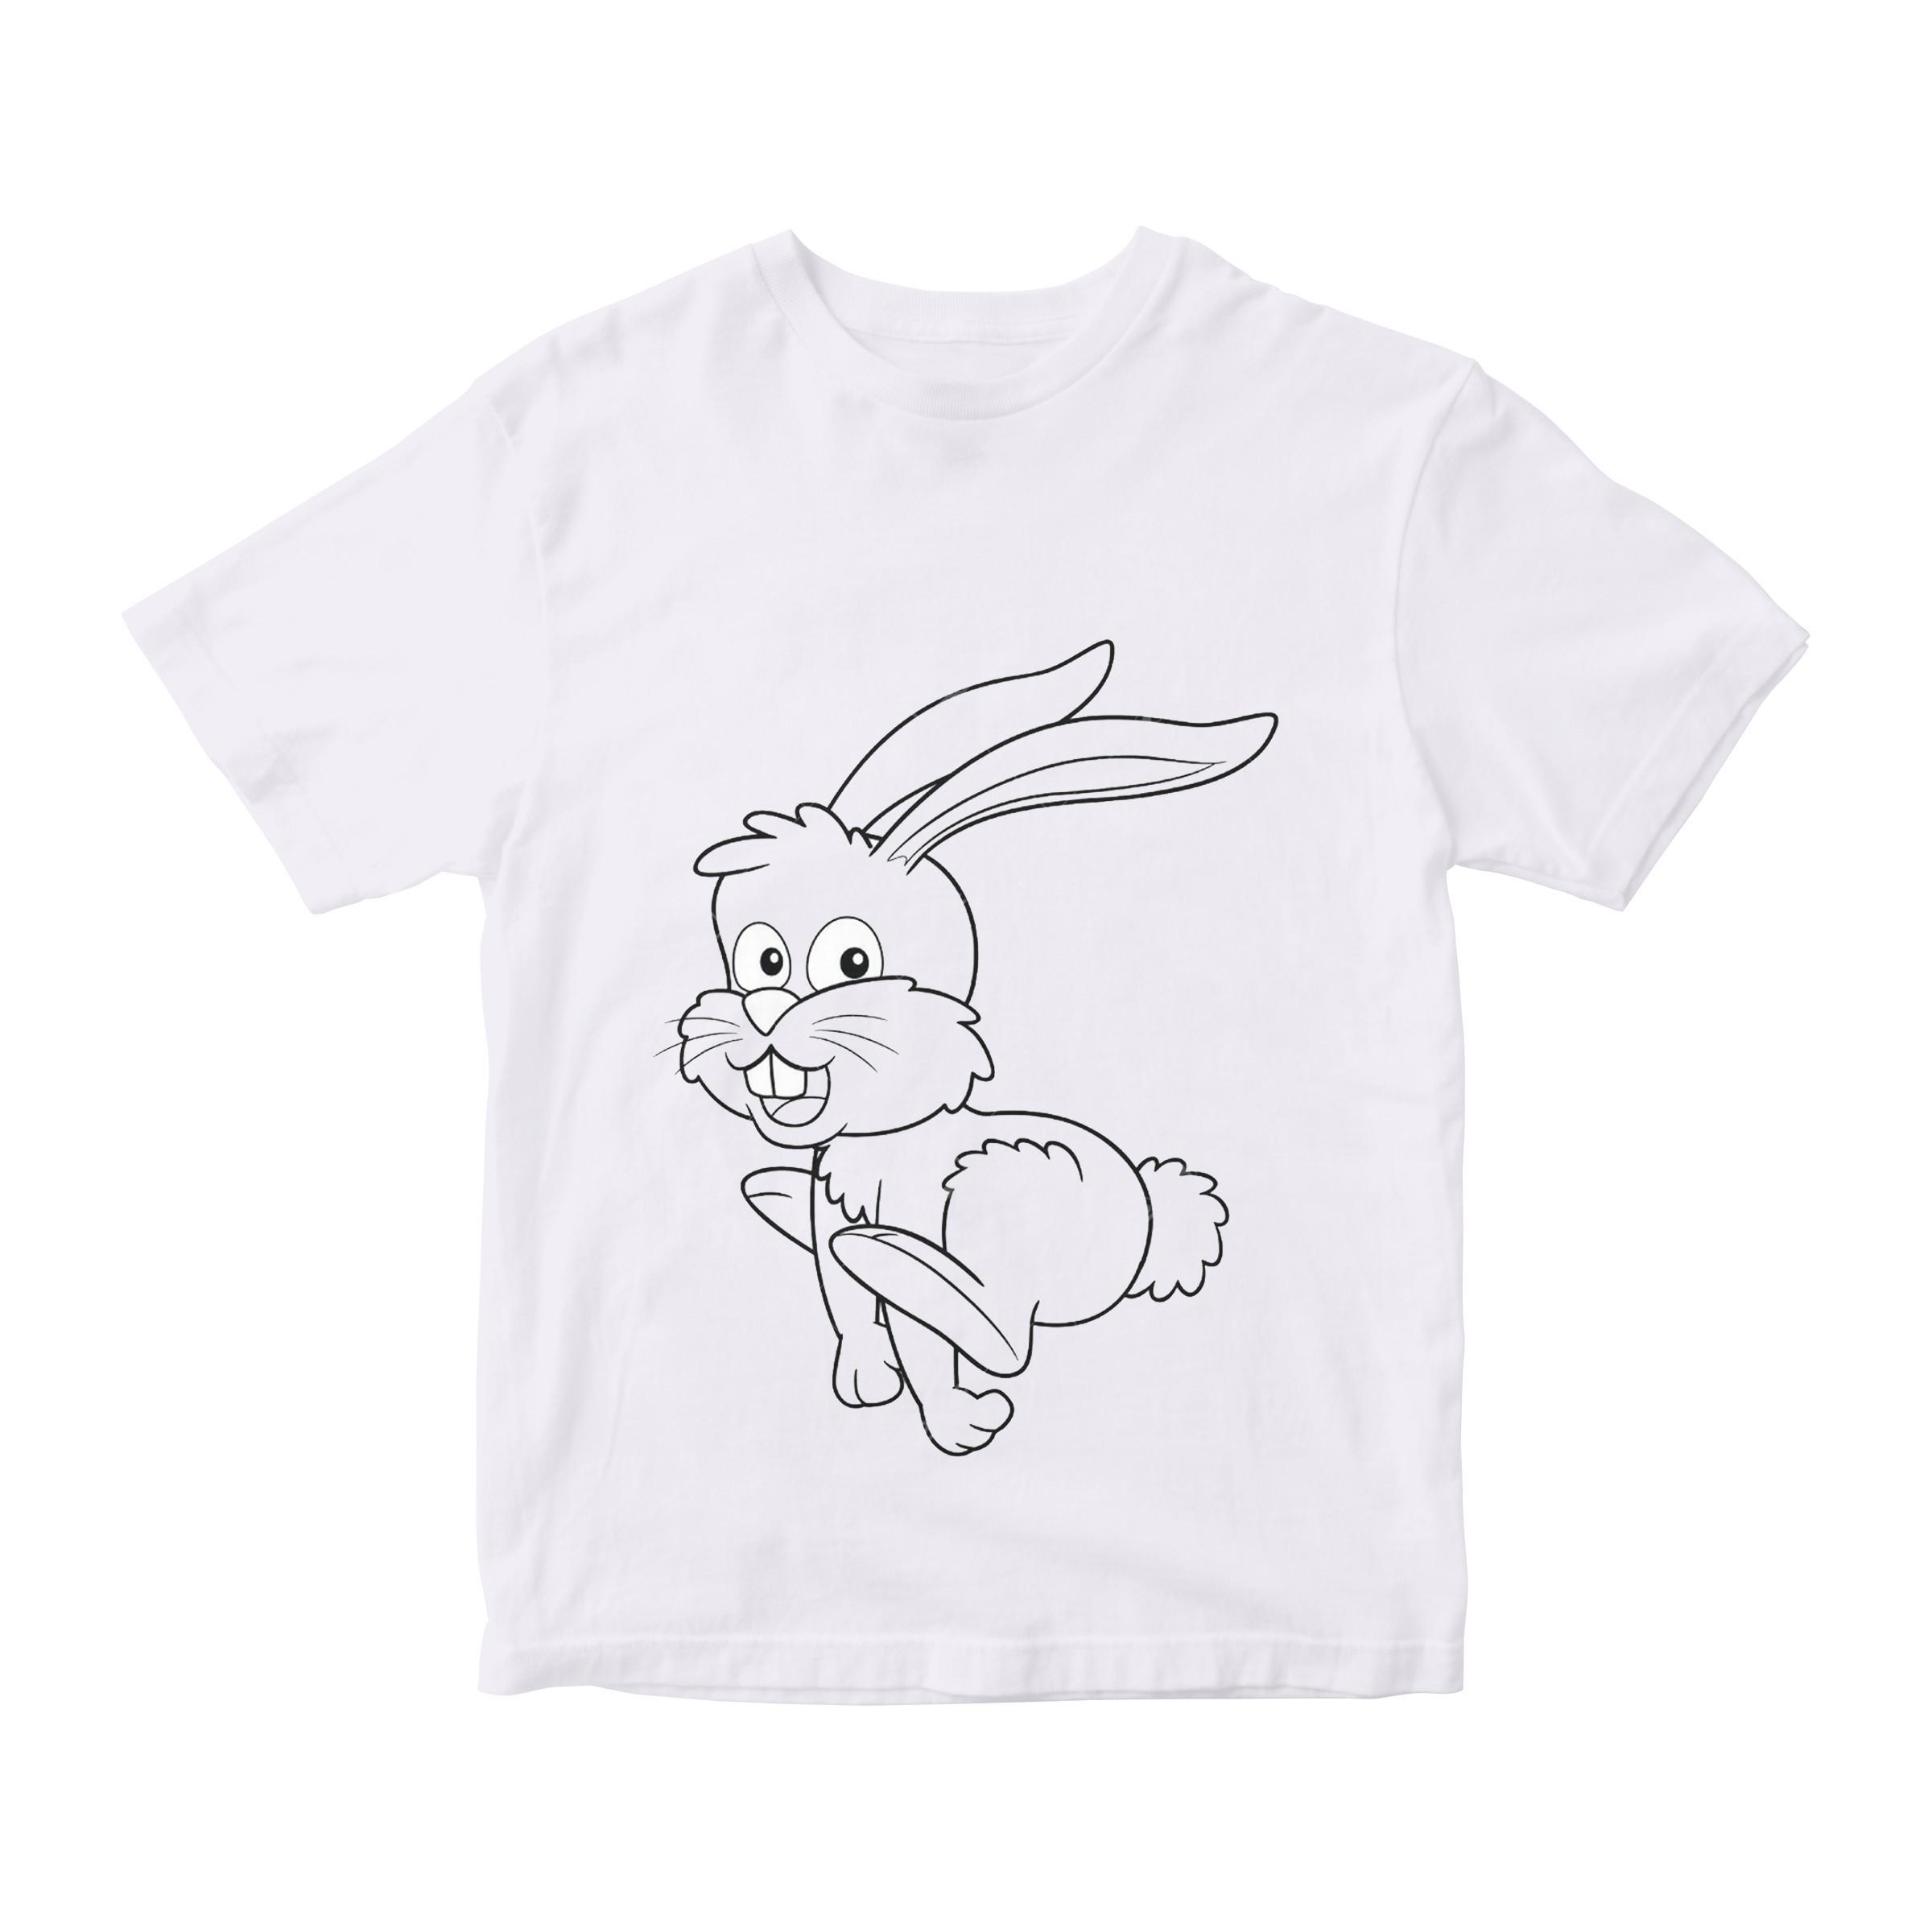 تی شرت بچگانه مدل ۰۰۲